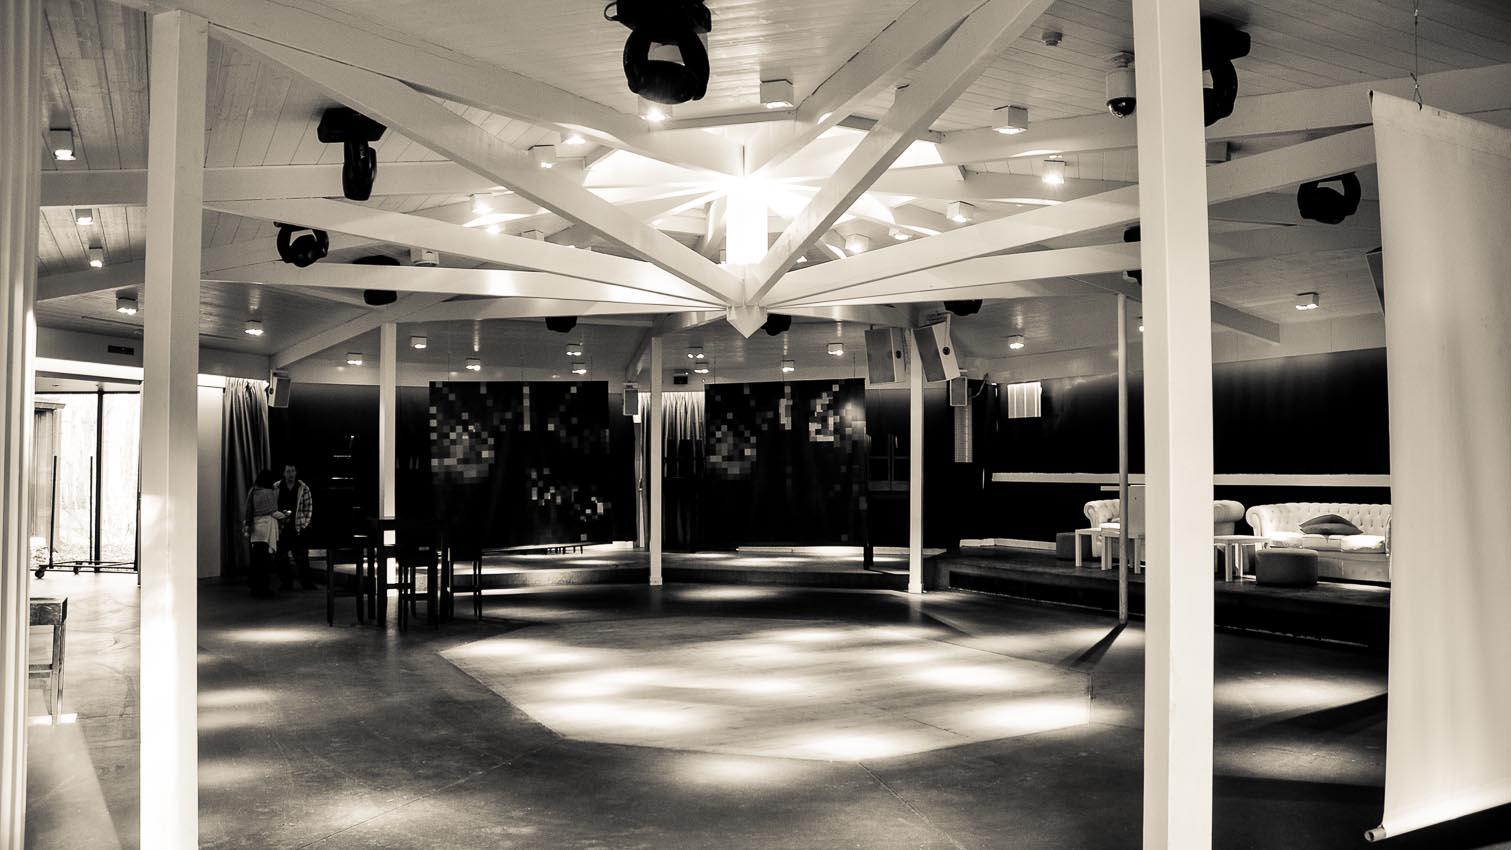 34-cafe-bar-resto-nightclub-decors-film-cinema-photo-belgium-bruxelles